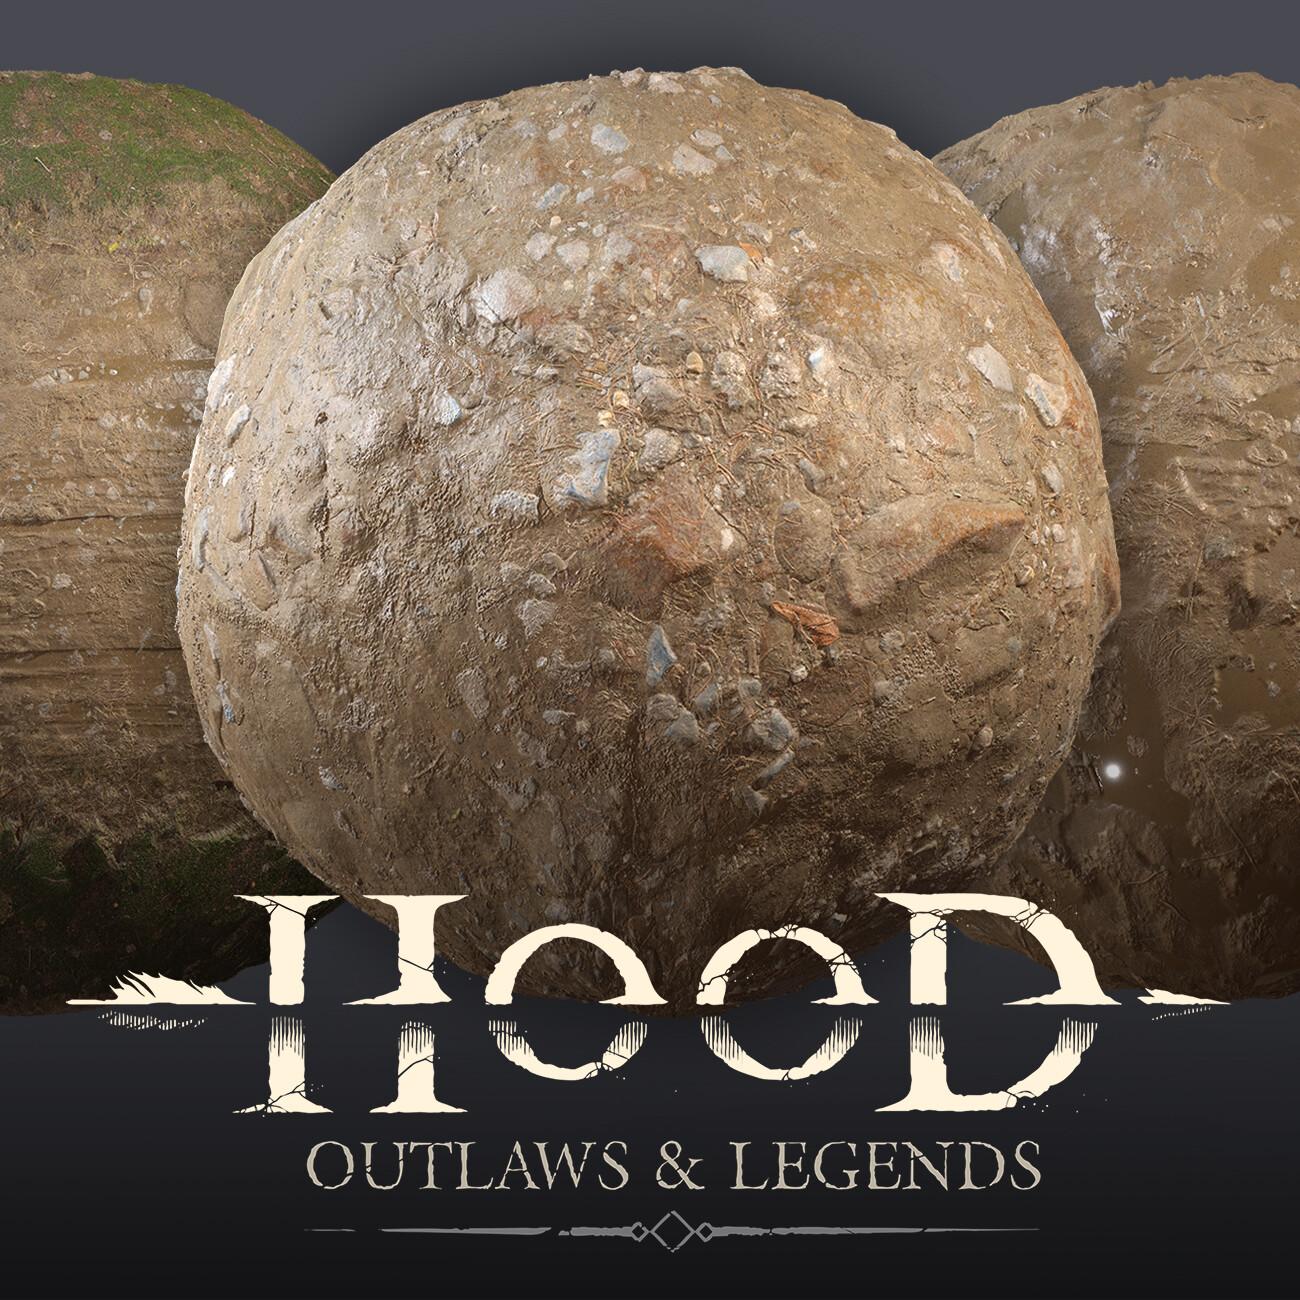 Hood: Outlaws & Legends - Sand Materials